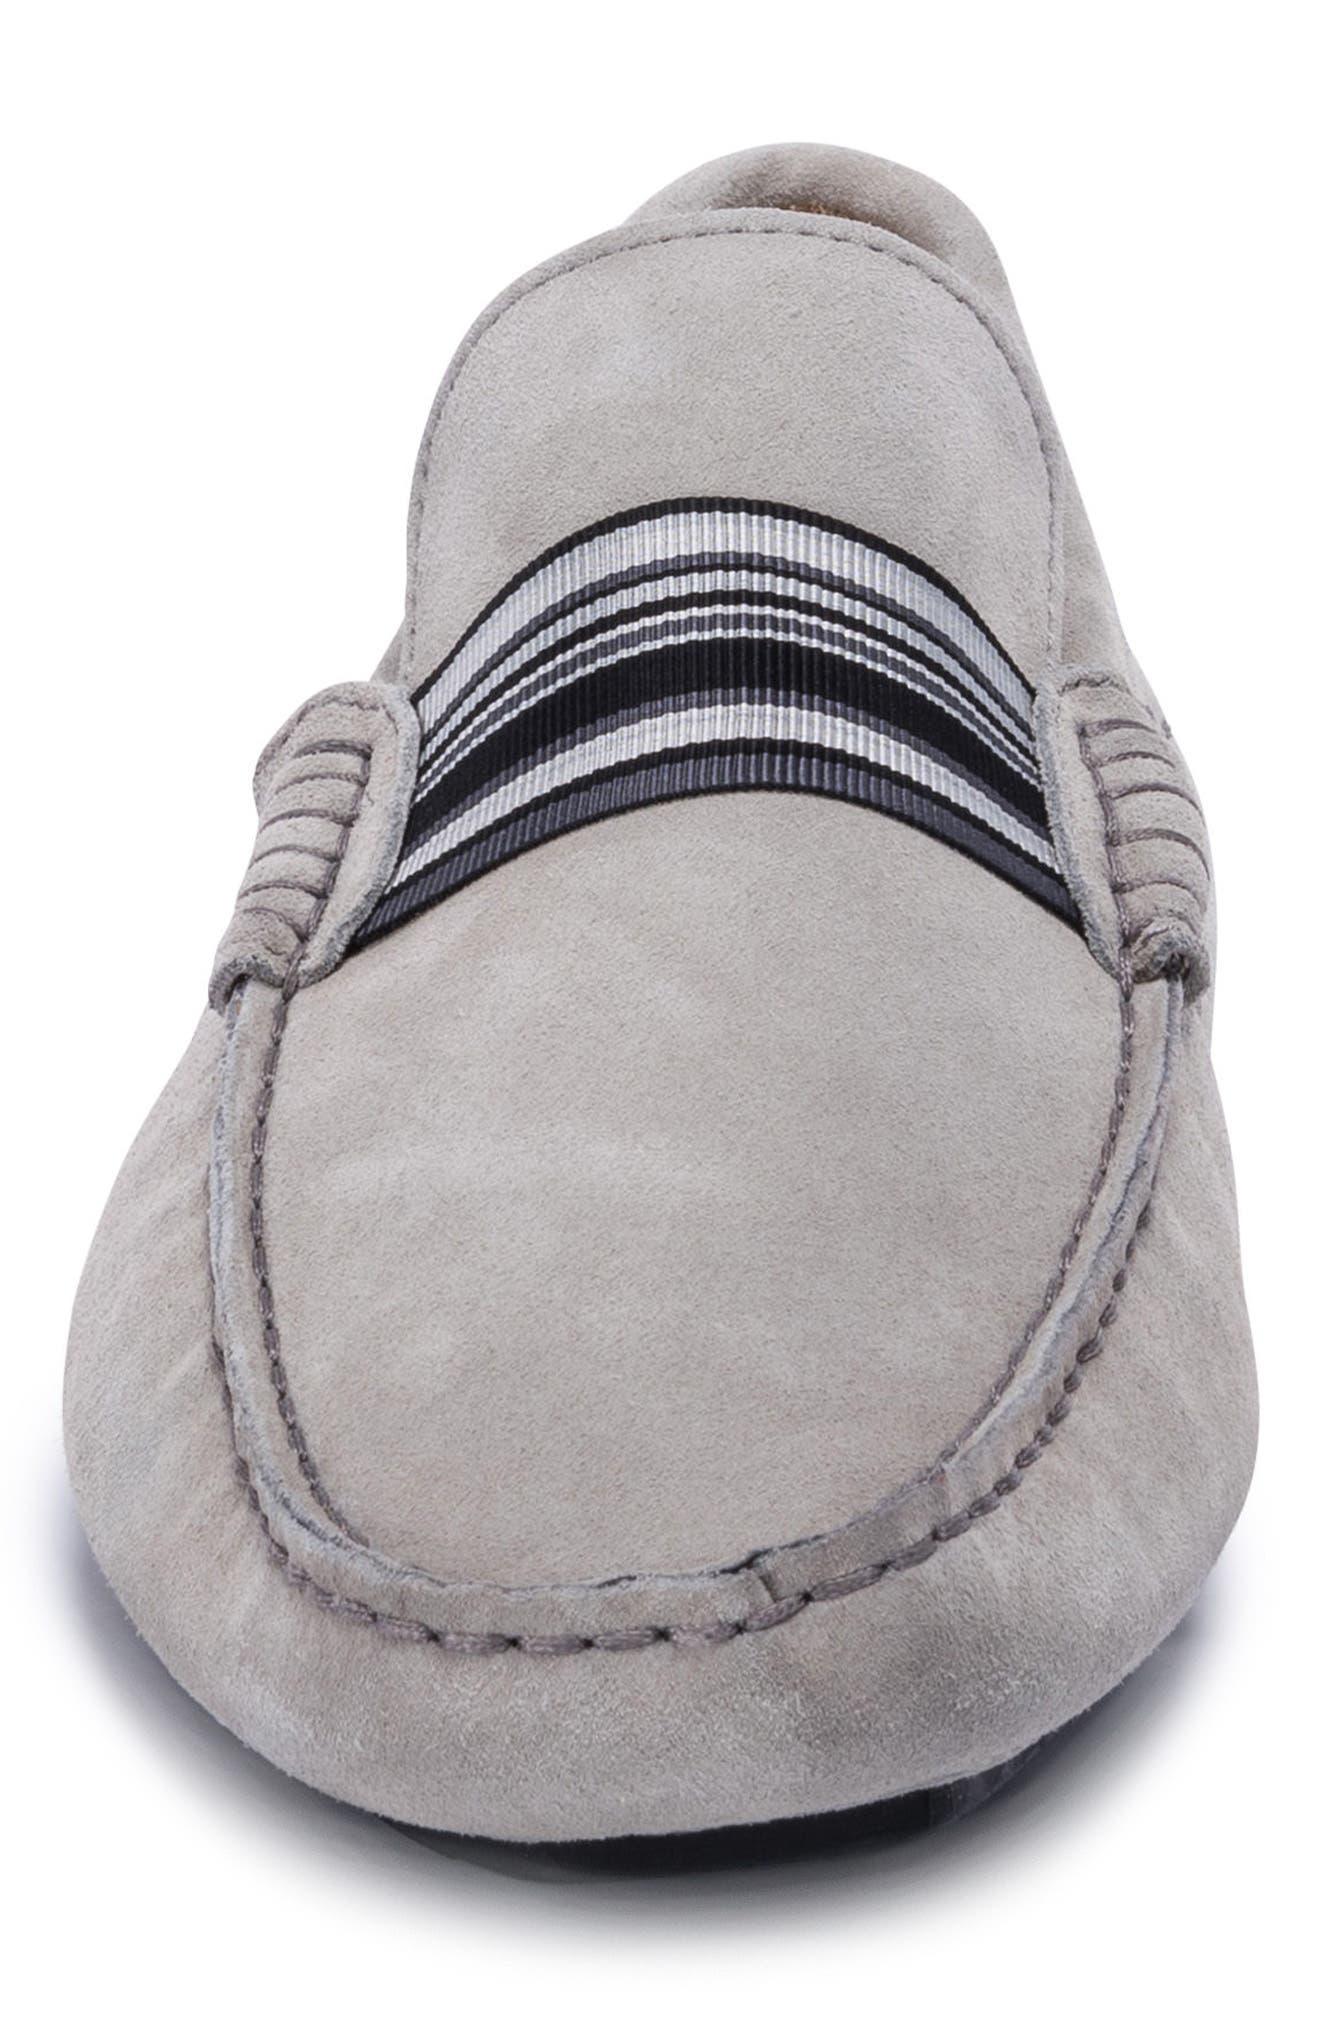 St. Tropez Driving Shoe,                             Alternate thumbnail 4, color,                             Grey Suede